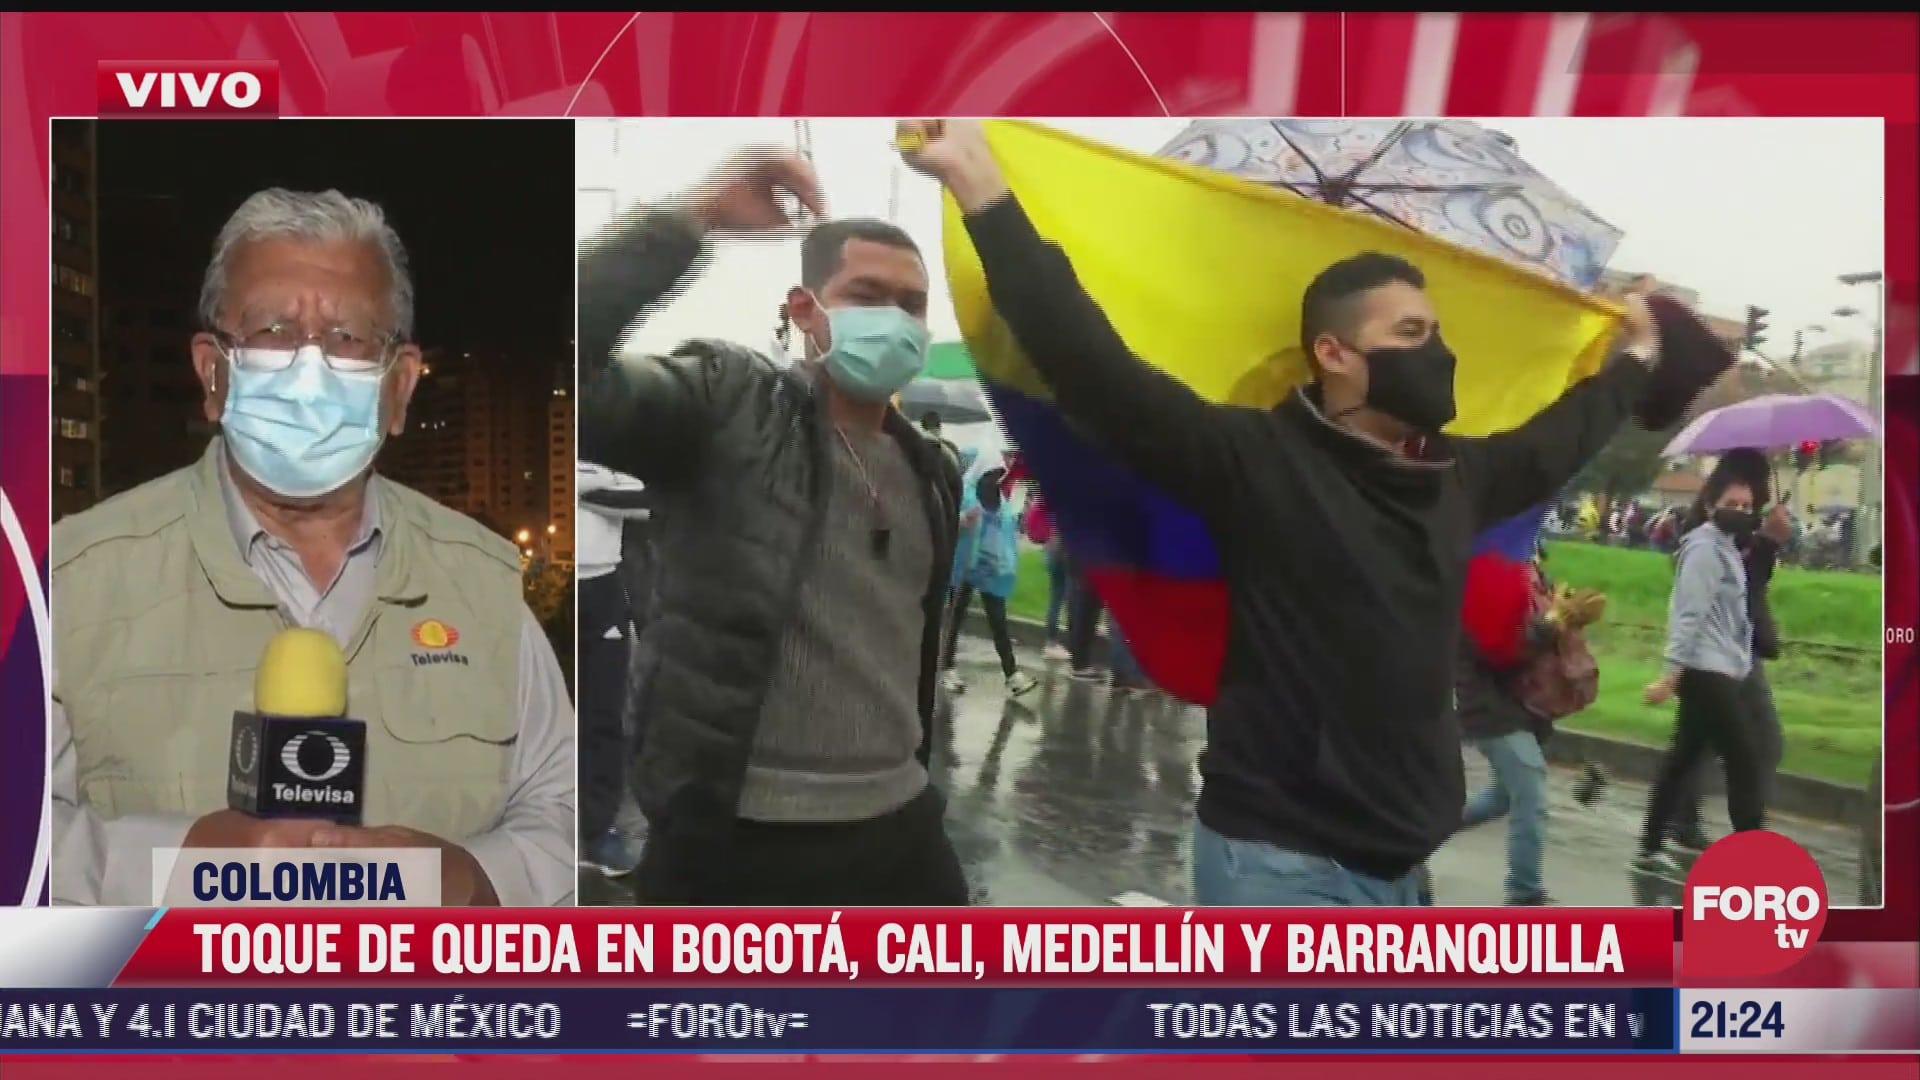 Toque de queda en Bogotá, Cali, Medellín y Barranquilla